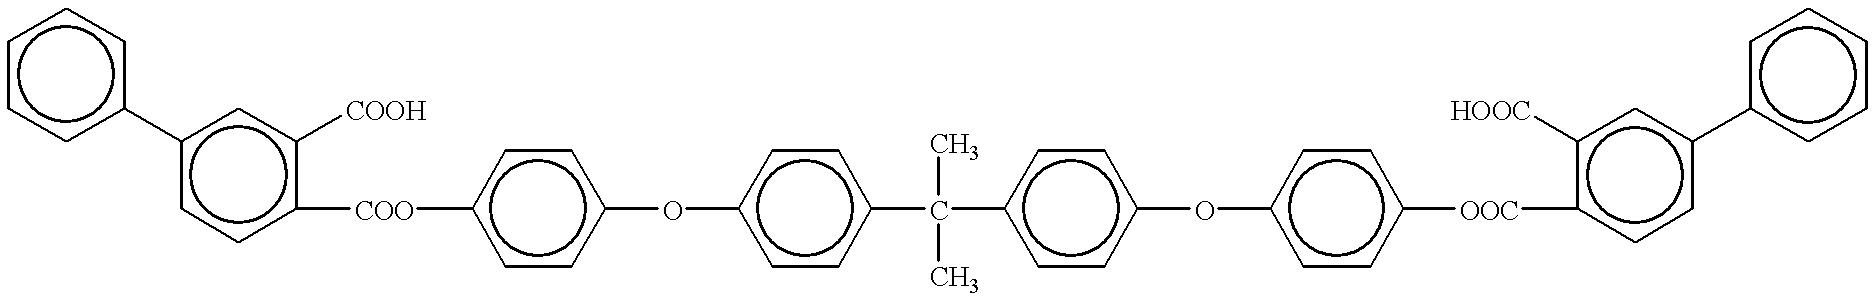 Figure US06180560-20010130-C00372